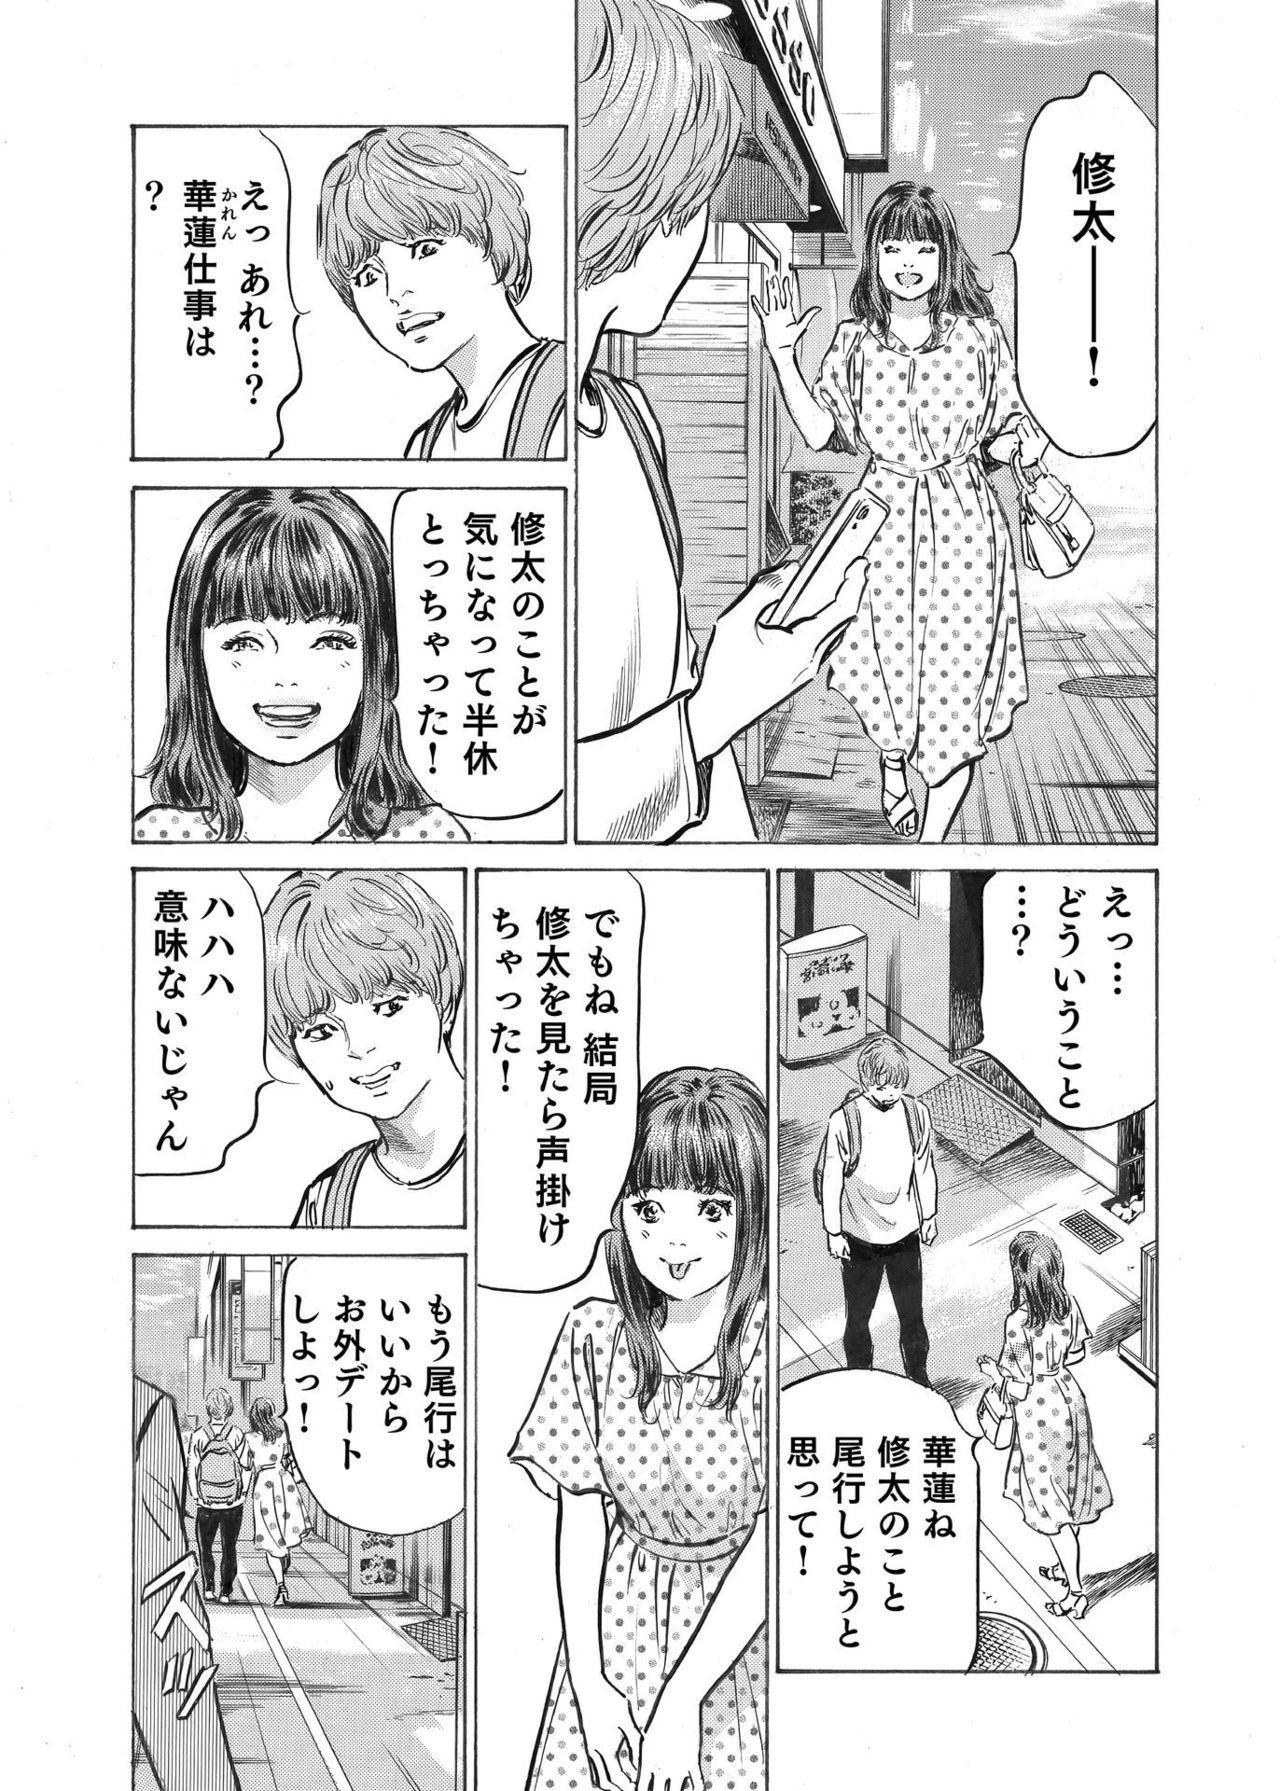 Ore wa Tsuma no Koto o Yoku Shiranai 1-9 170